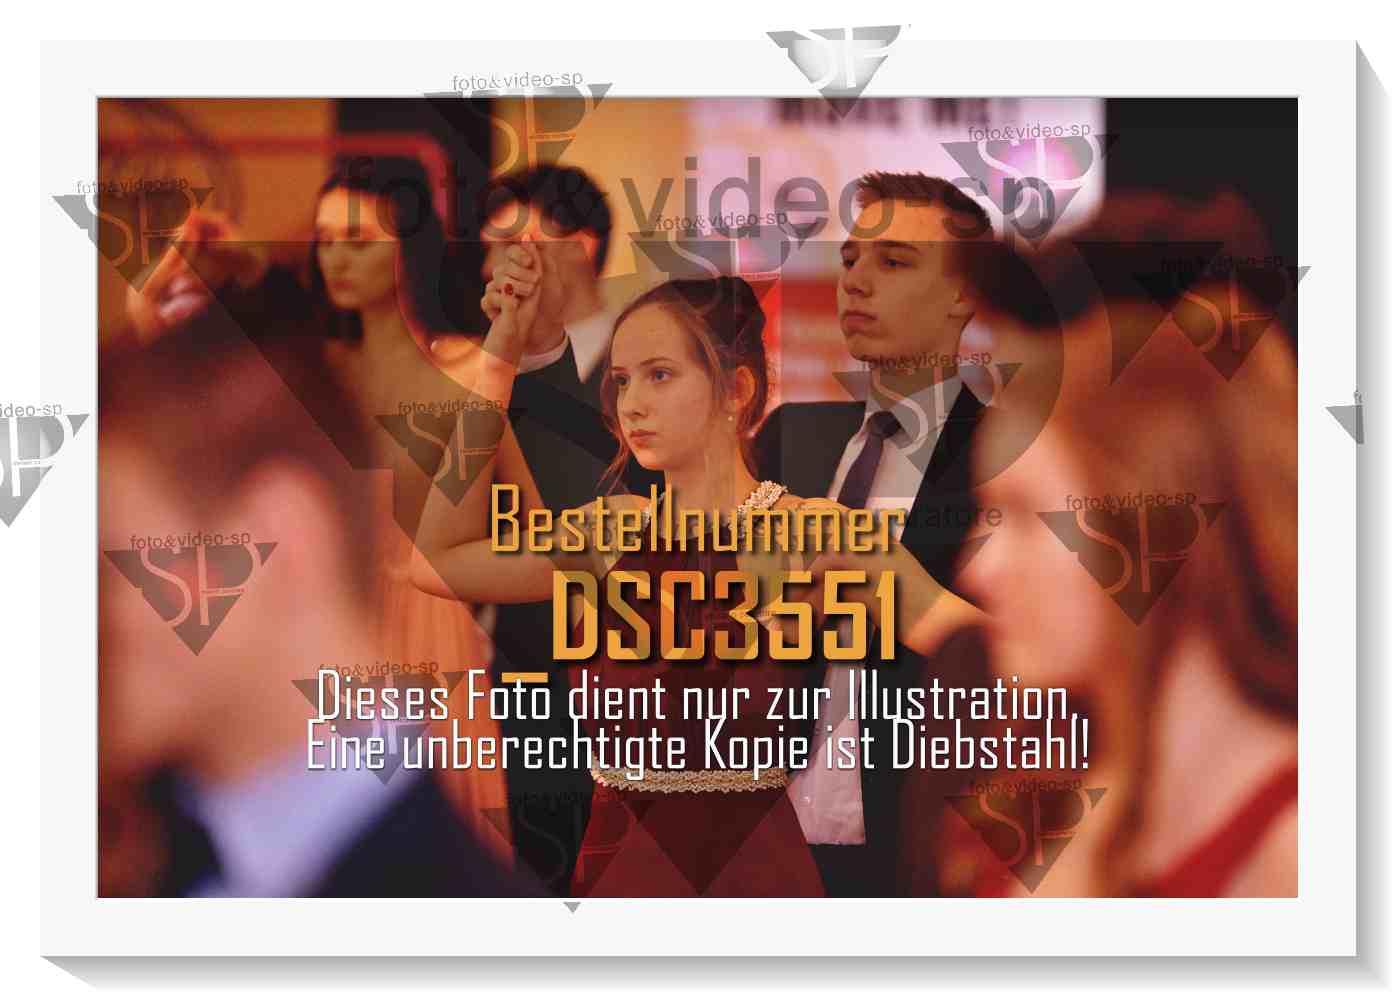 DSC3551